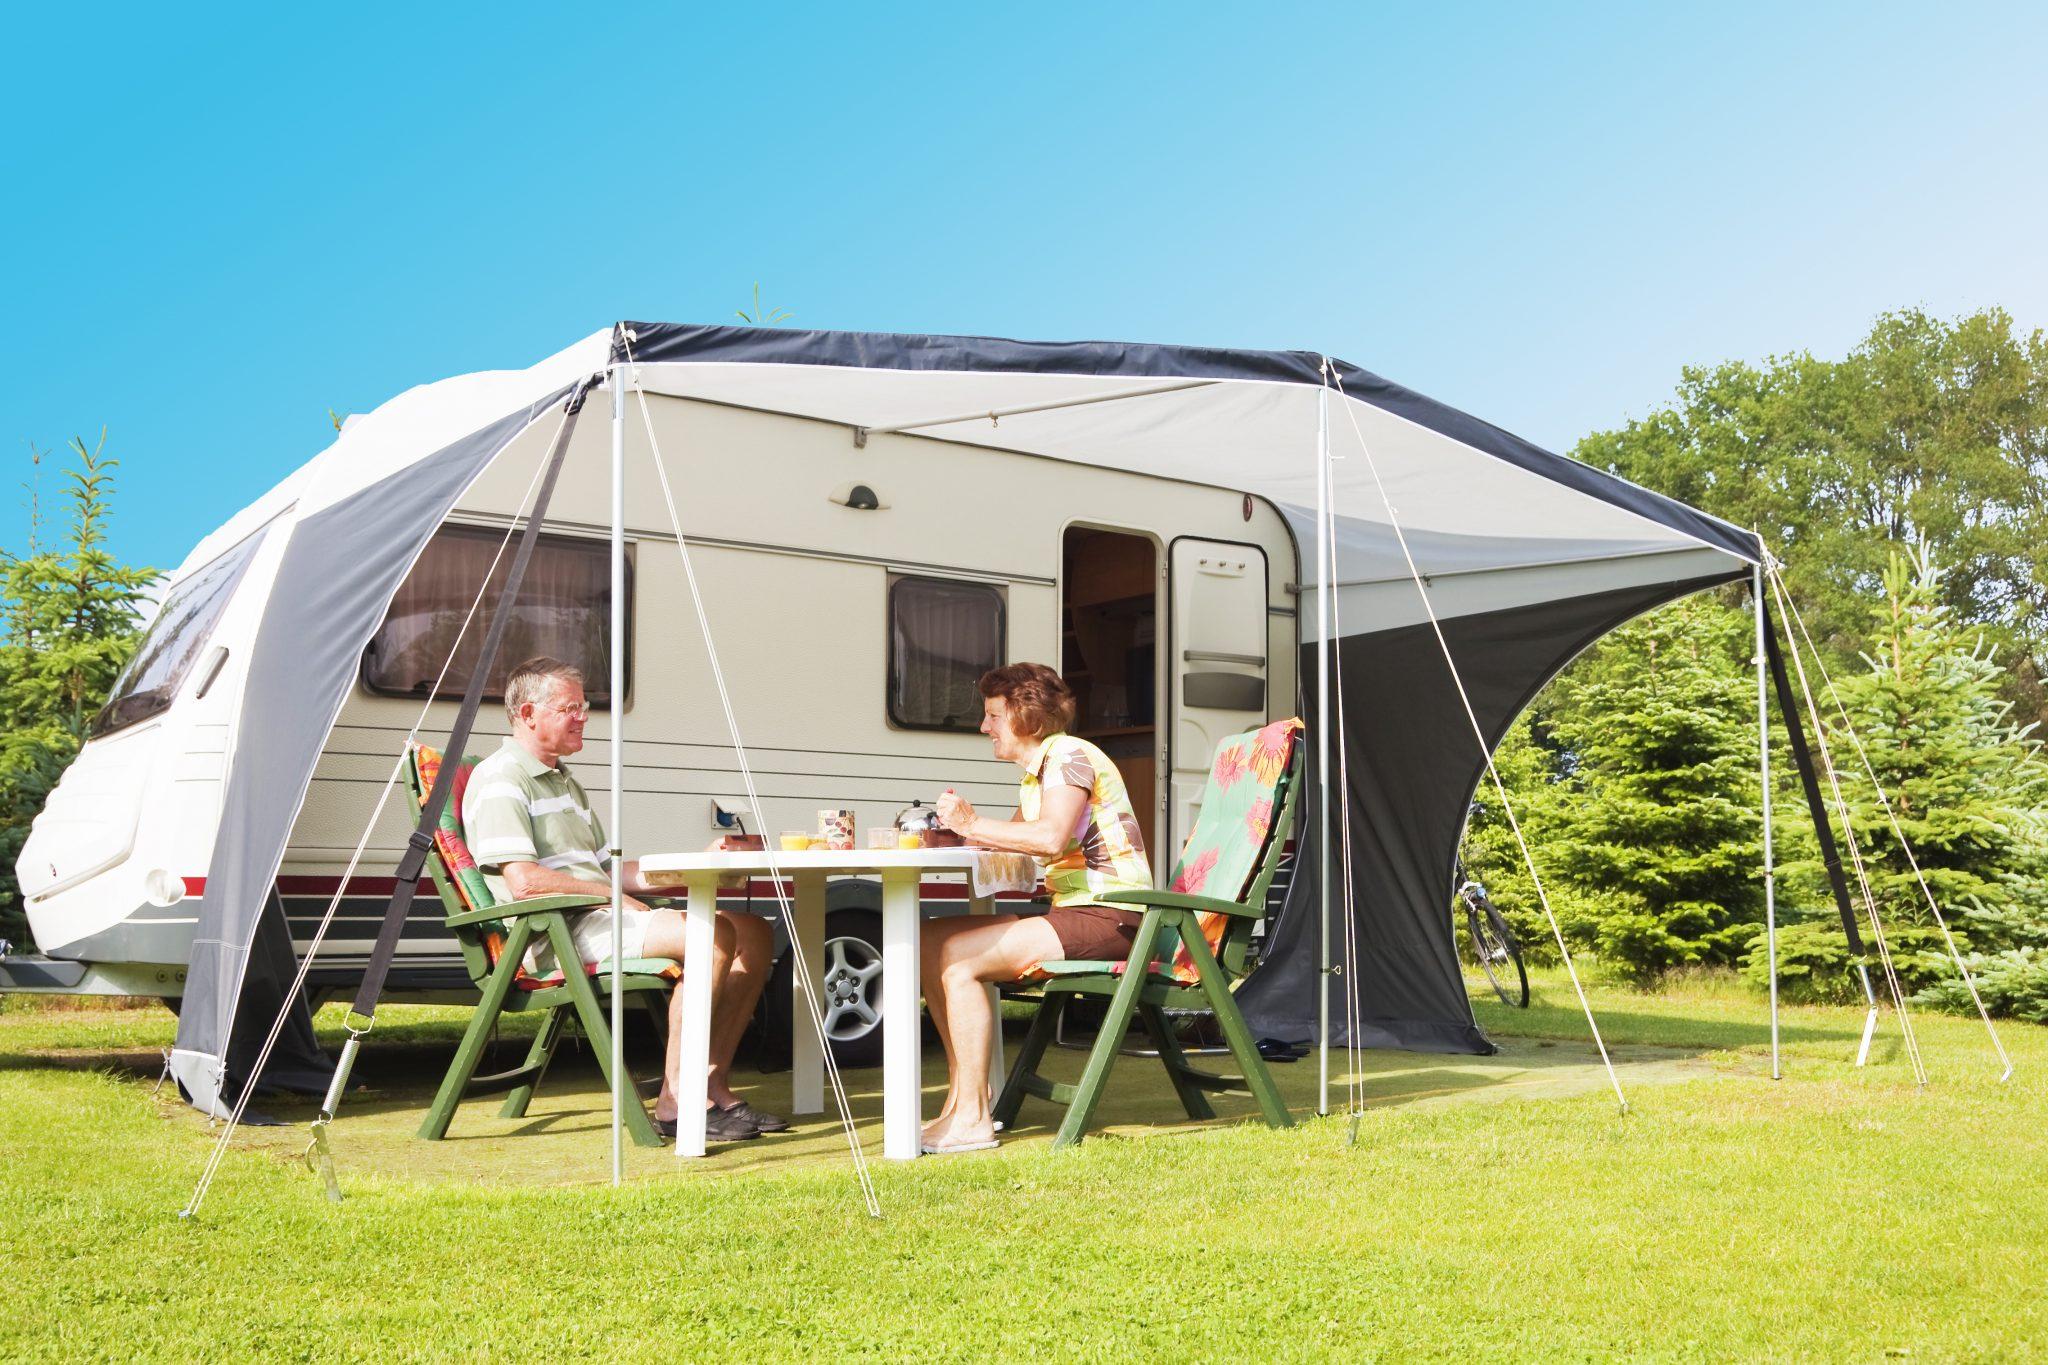 Find forankring til campingvogn, telt og pavilloner her